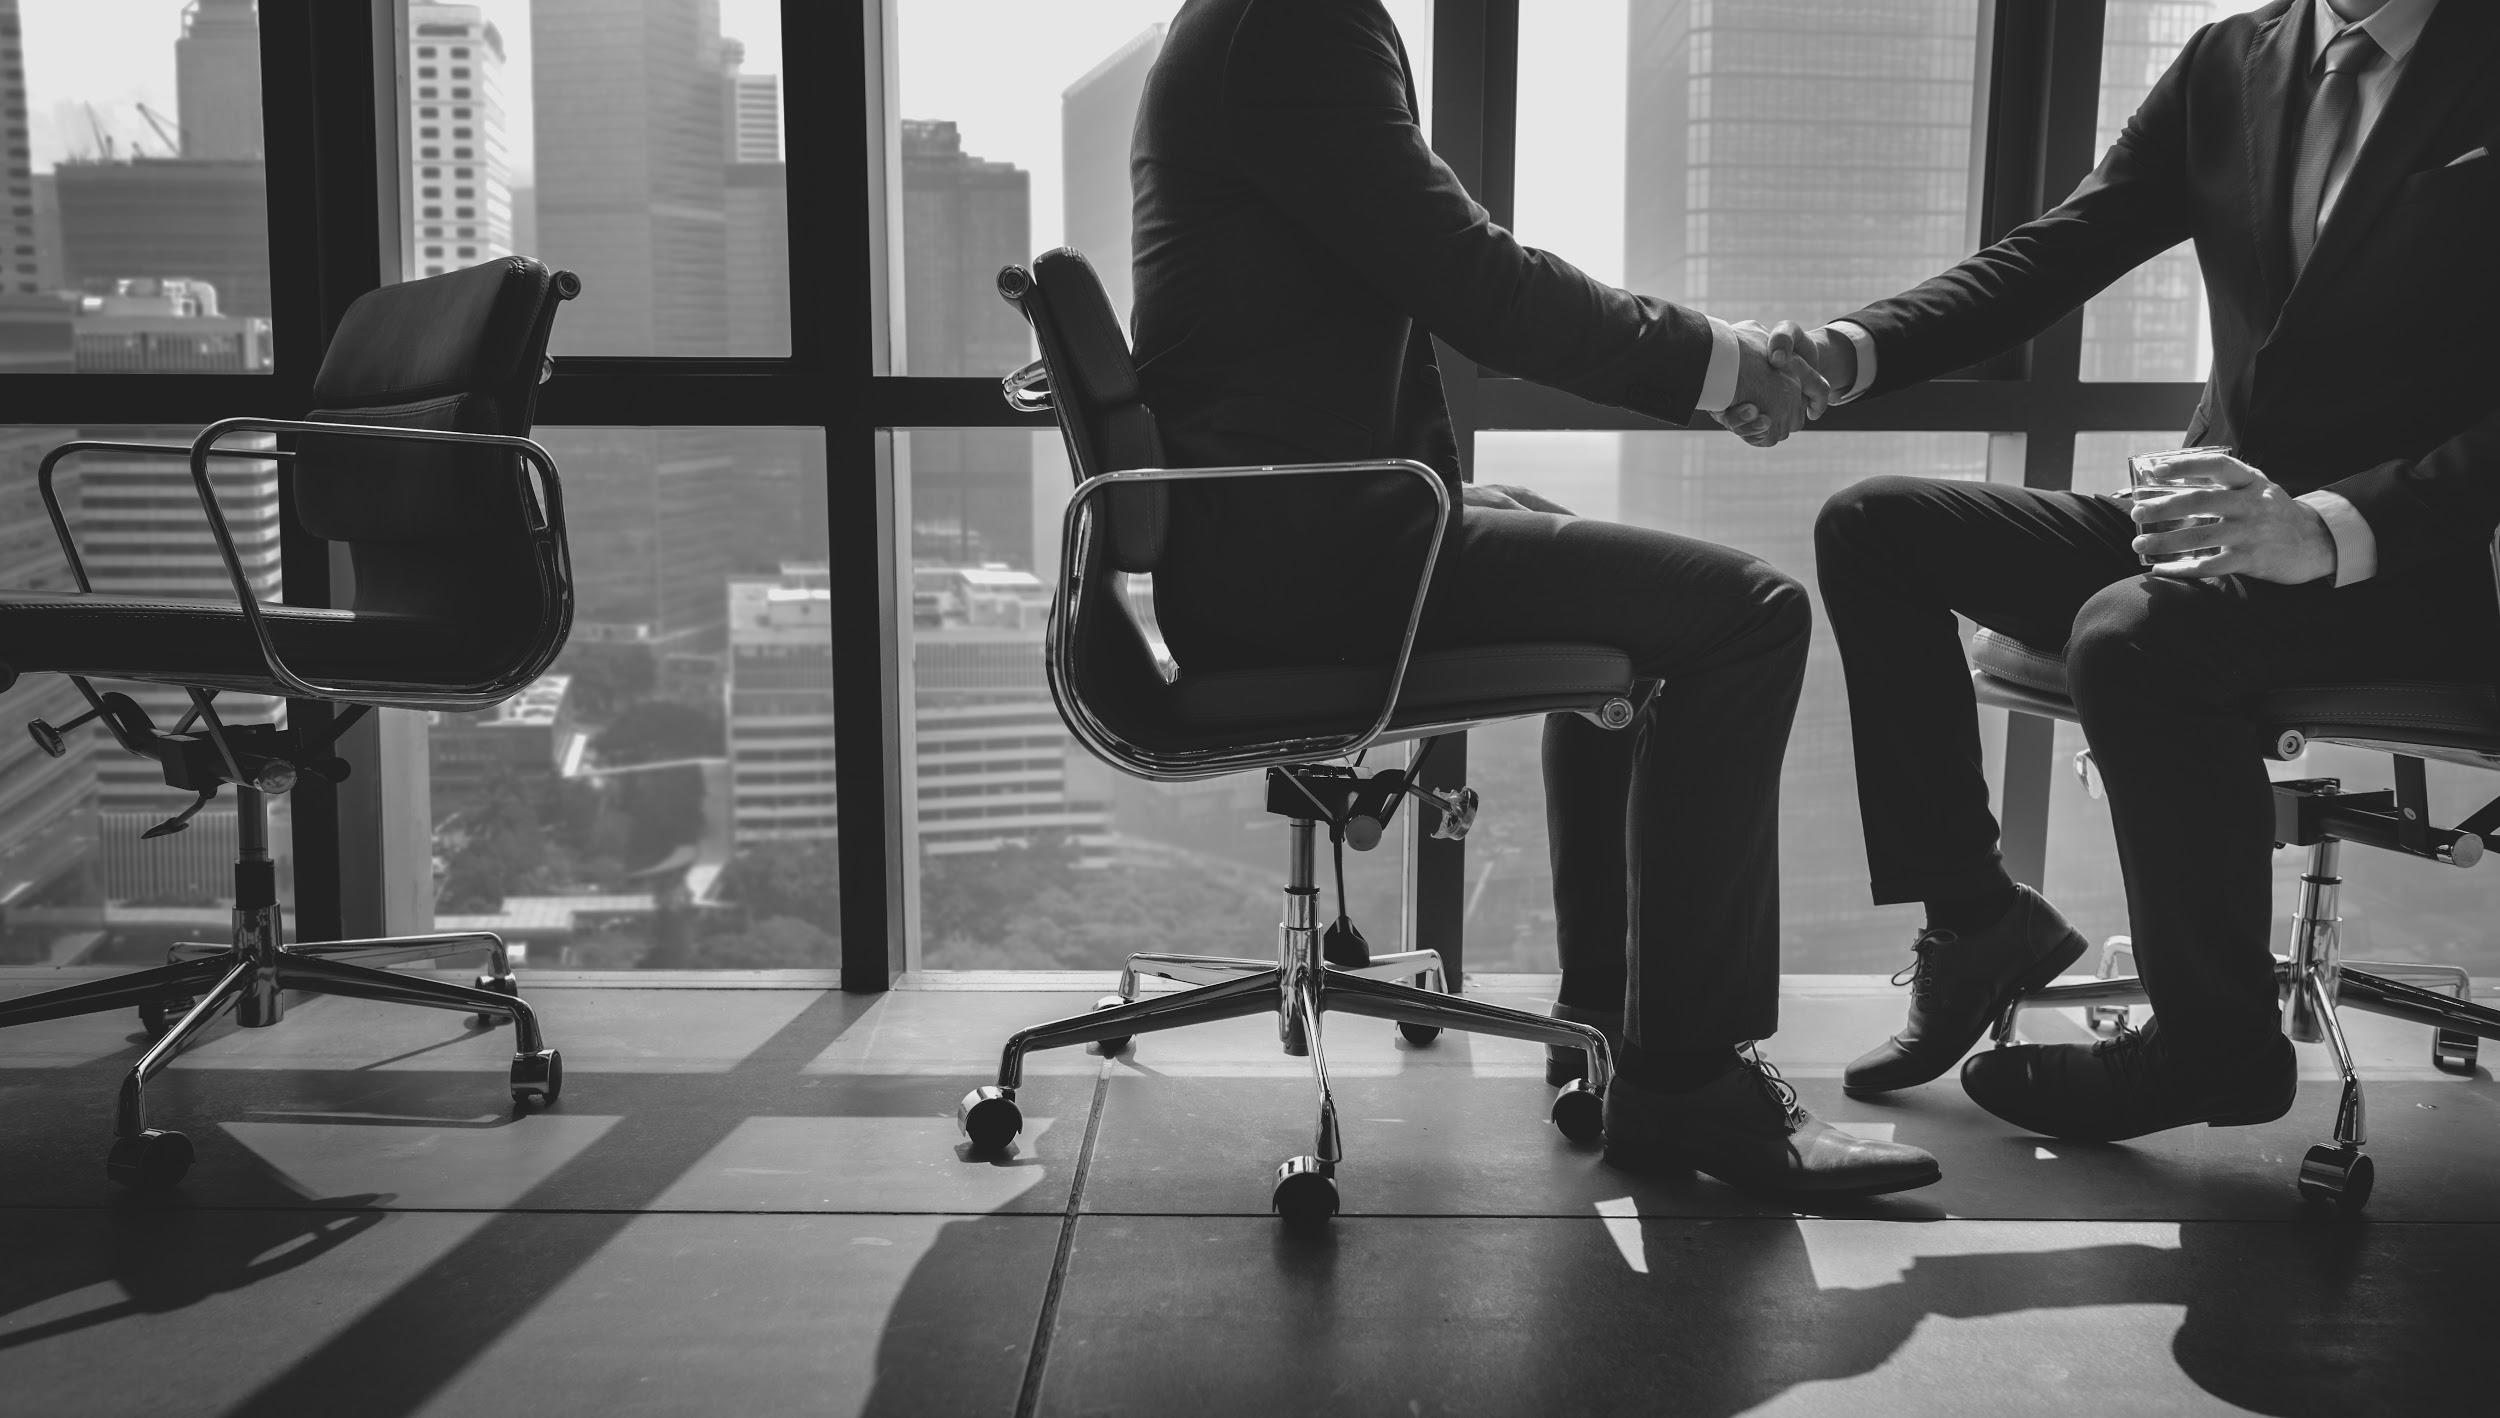 5 lý do doanh nghiệp nên sử dụng dịch vụ tìm kiếm ứng viên cấp cao (executive headhunters)  - Ảnh 1